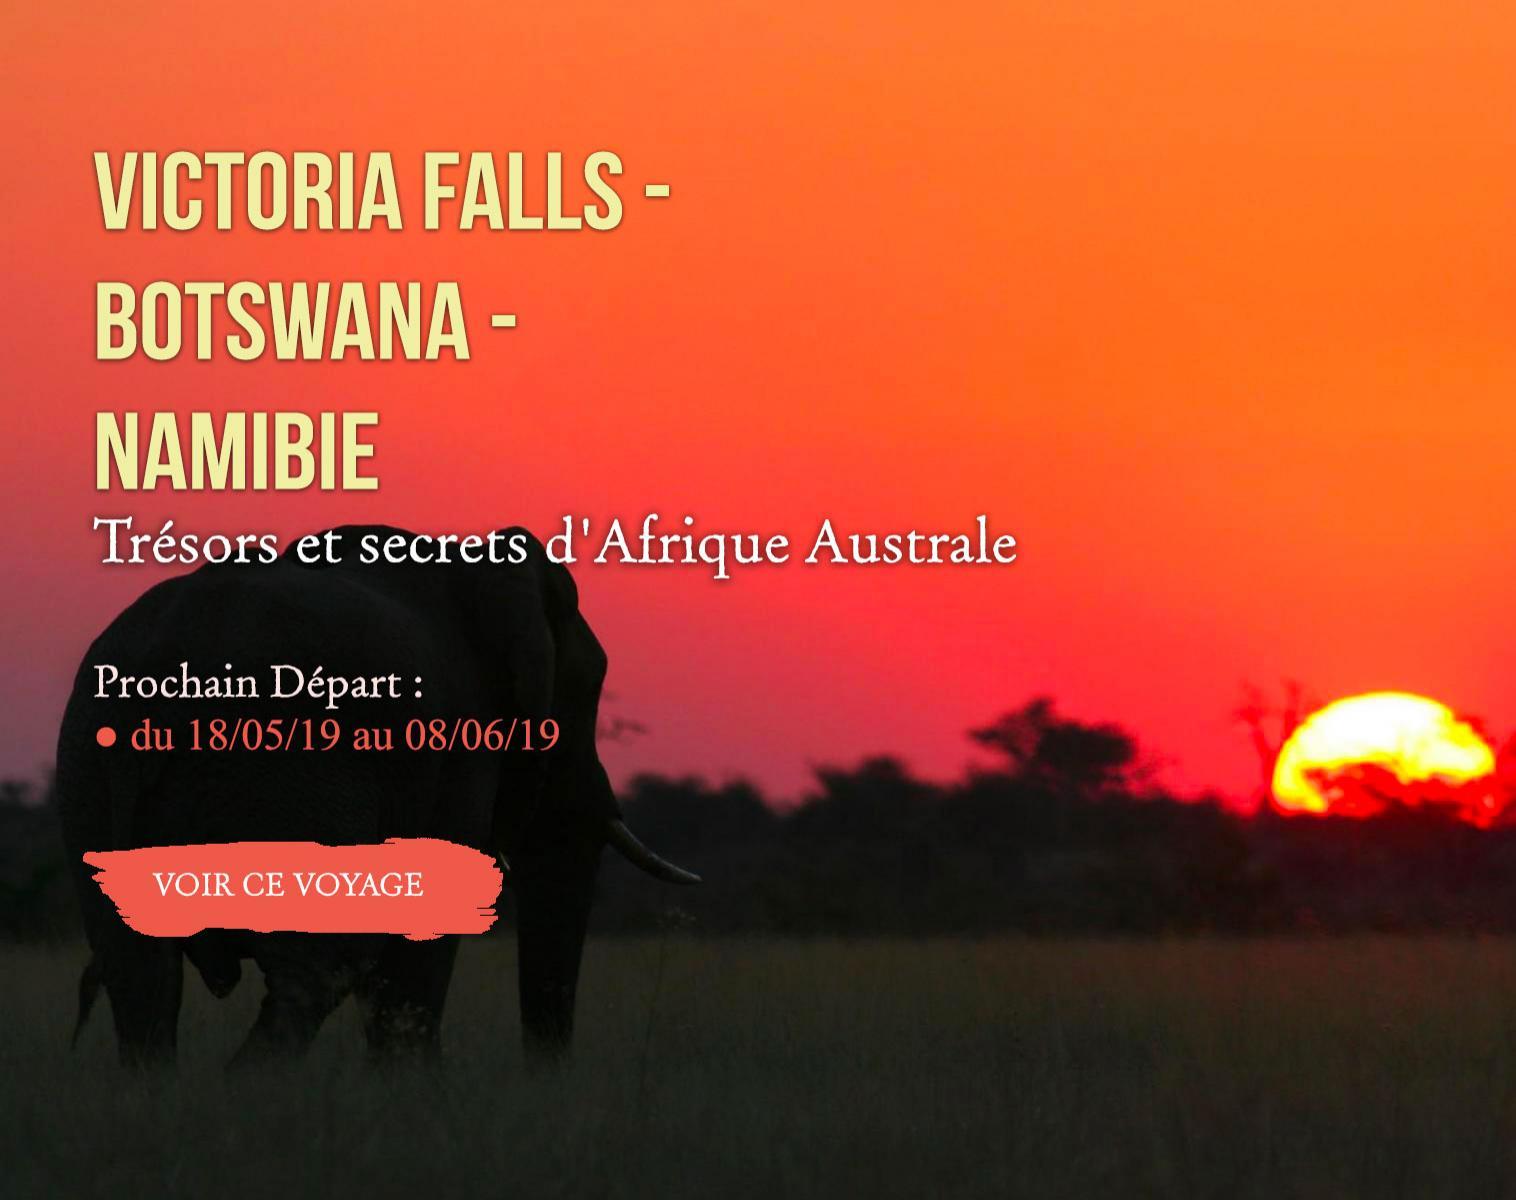 Trésors et secrets d'Afrique Australe